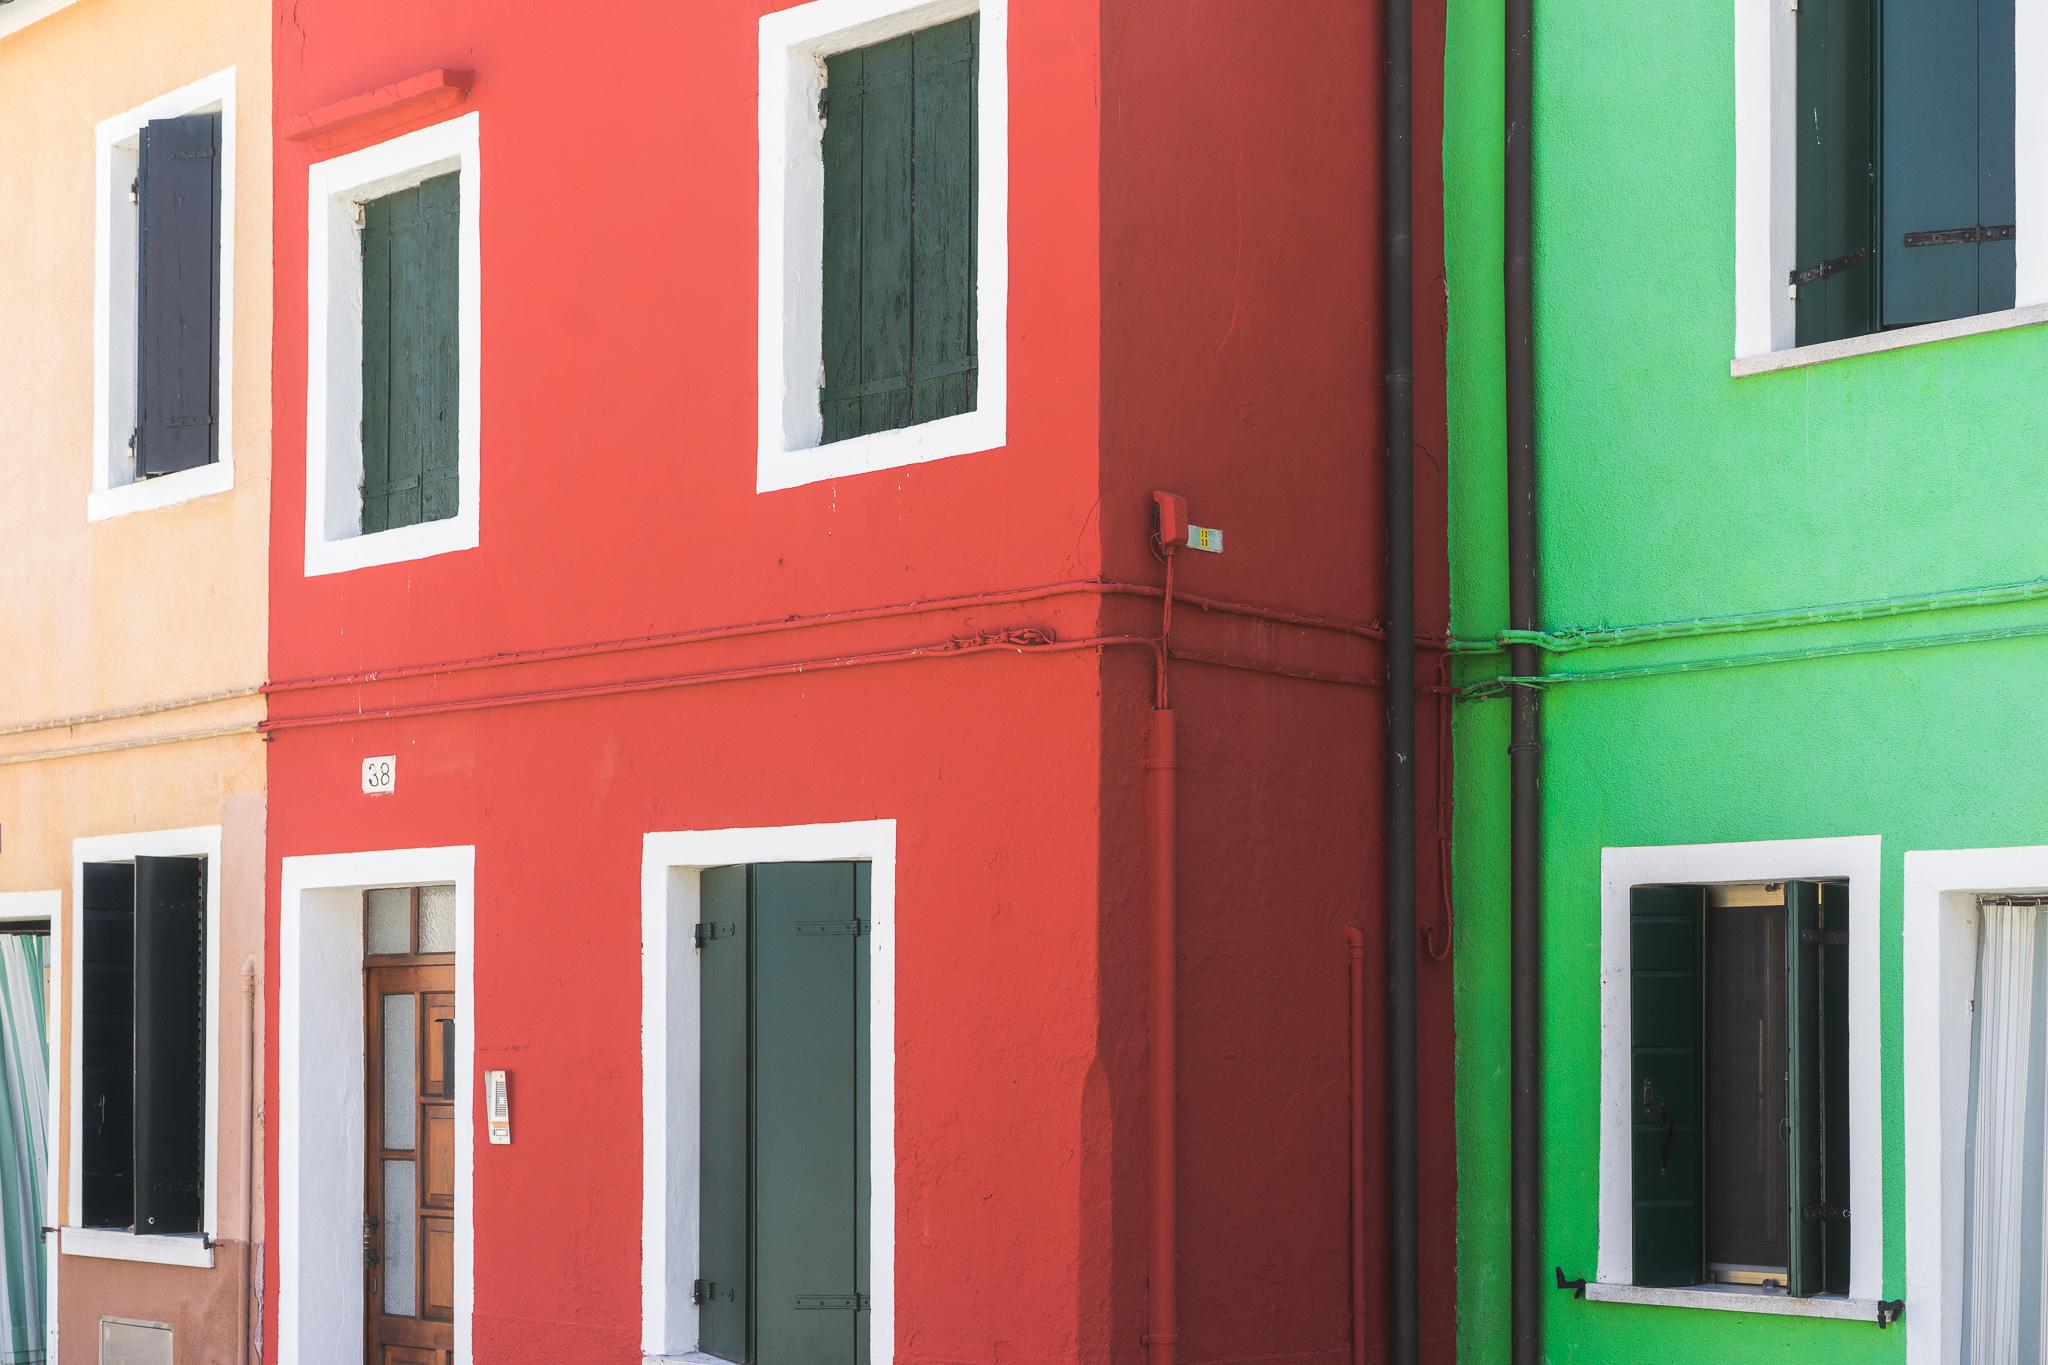 Venice-Burano-Italy-3.jpg